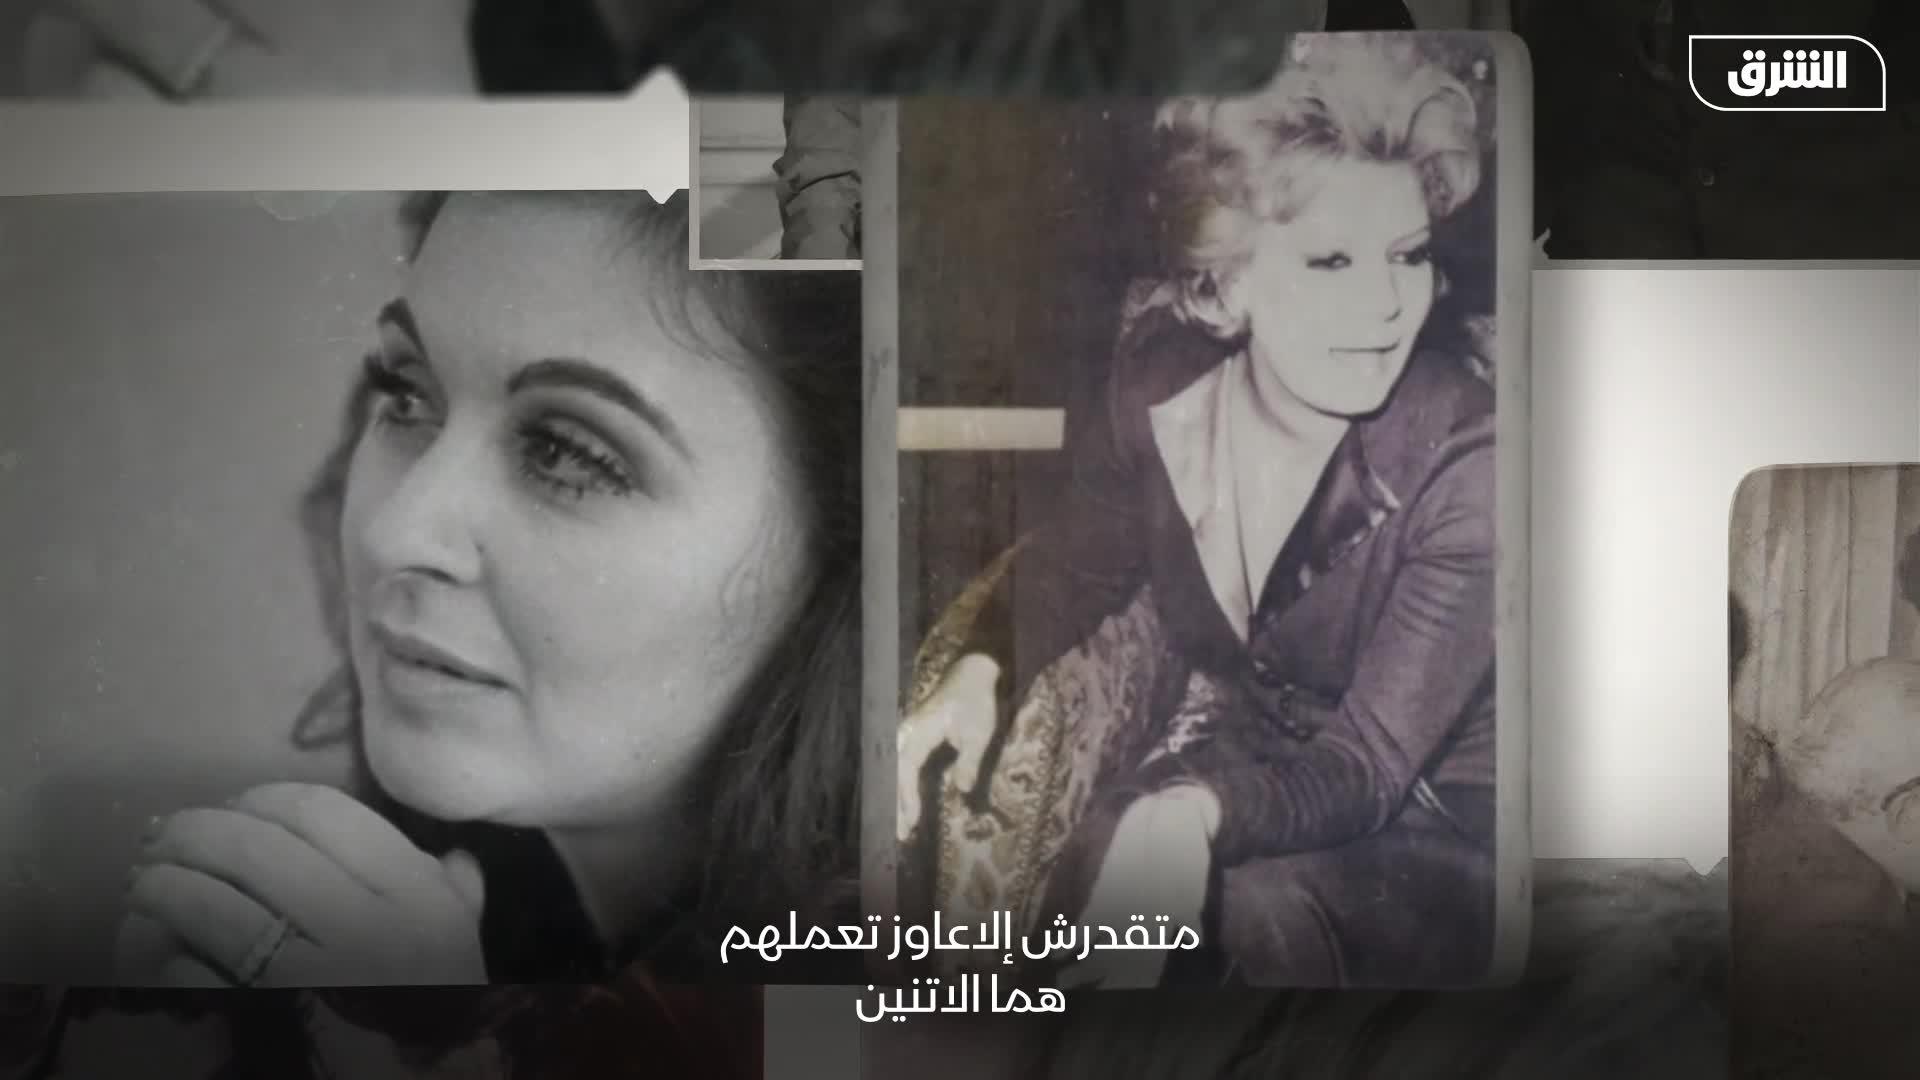 اسمي بولا - مذكرات الفنانة نادية لطفي- ح6